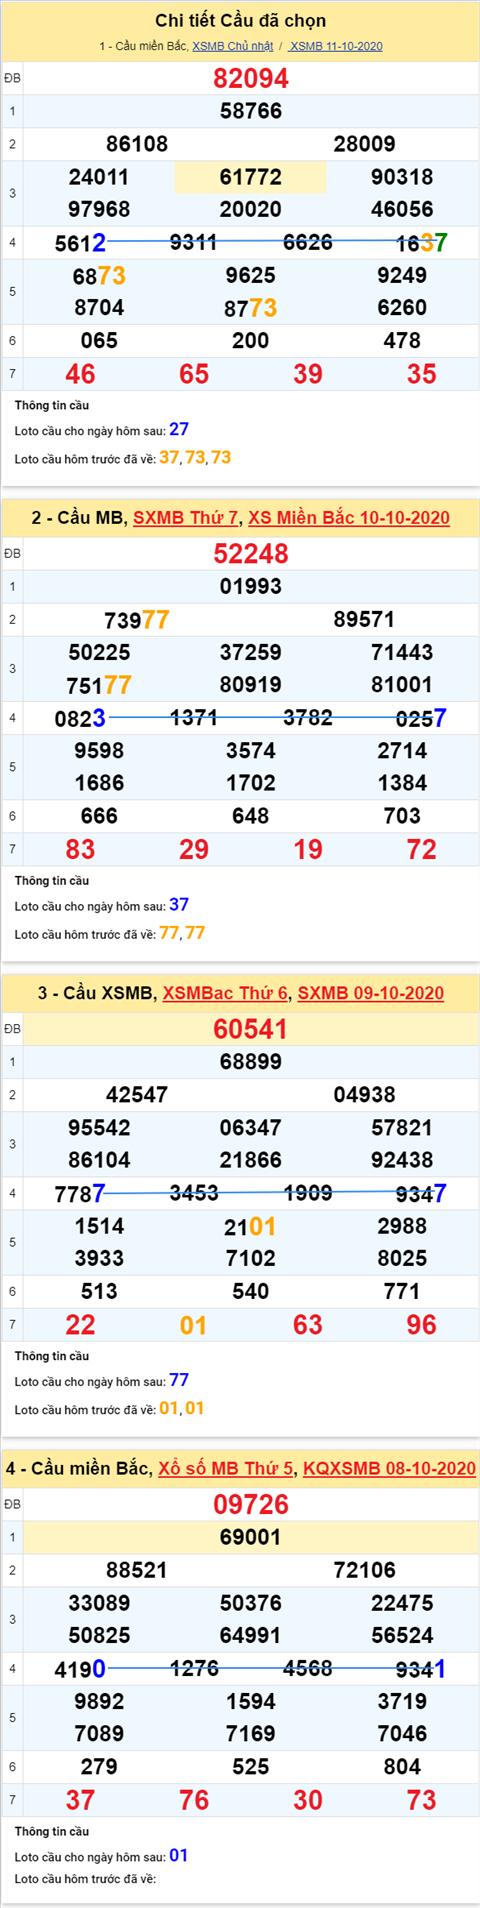 Thong ke XSMB 12102020 - Phan tich xo so Mien Bac 12-10 thu 2 hinh anh 4